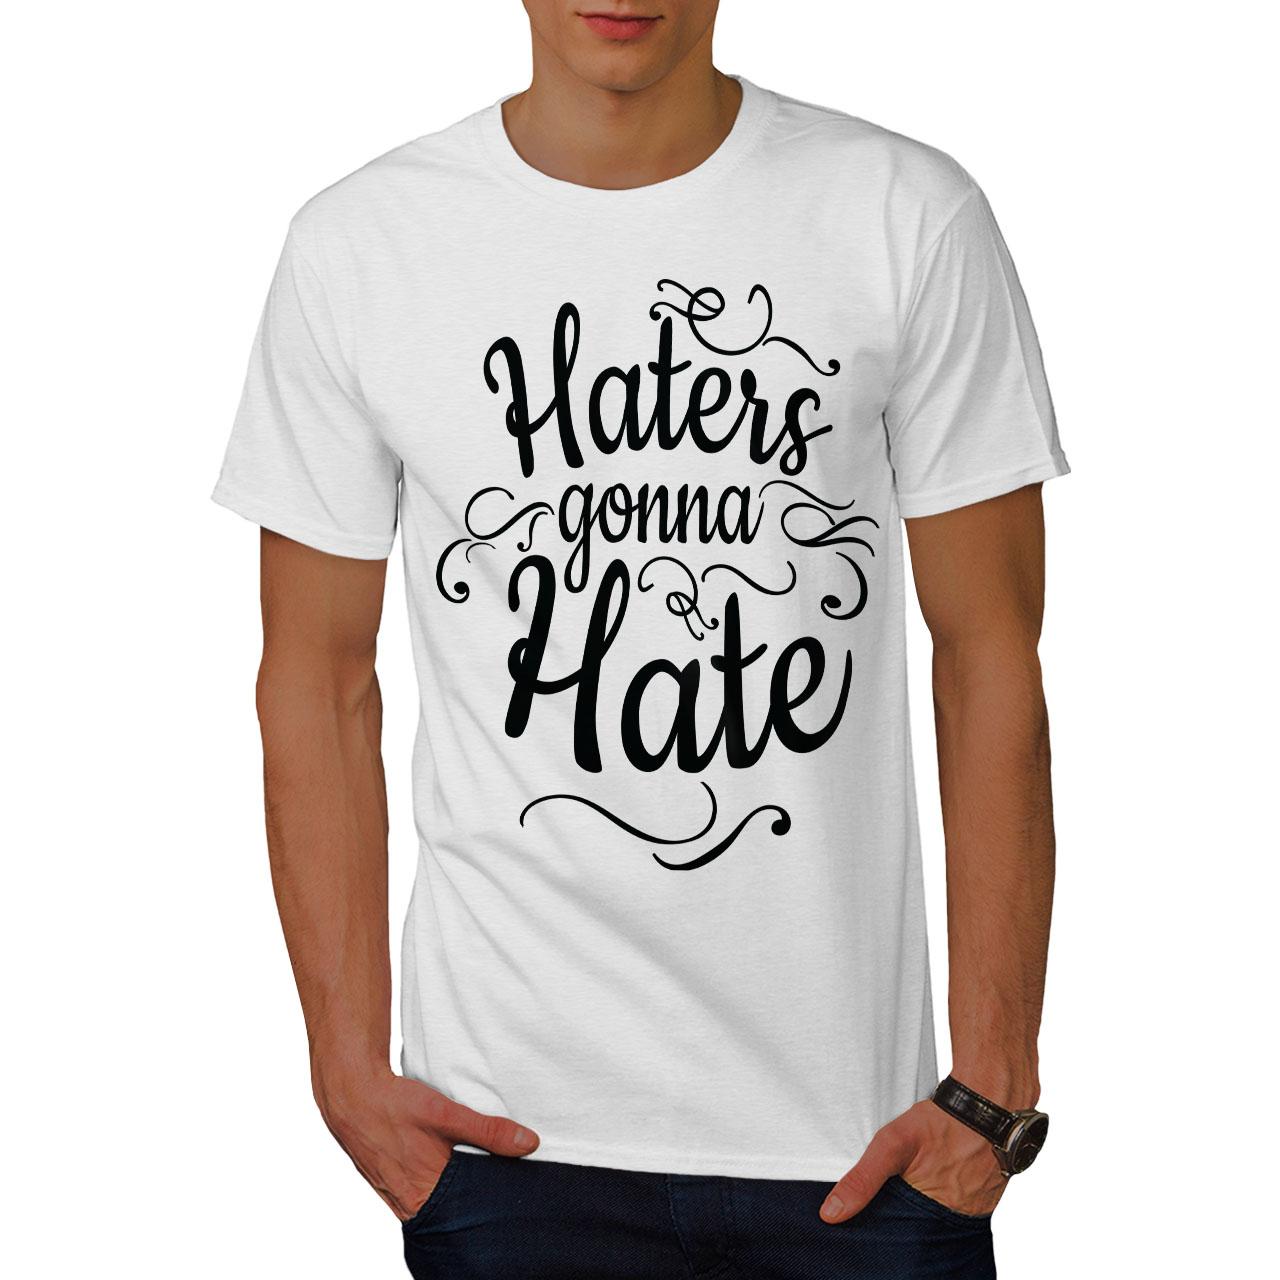 Wellcoda-Hasser-Gonna-Hate-Herren-T-Shirt-lustige-Grafikdesign-Printed-Tee Indexbild 9